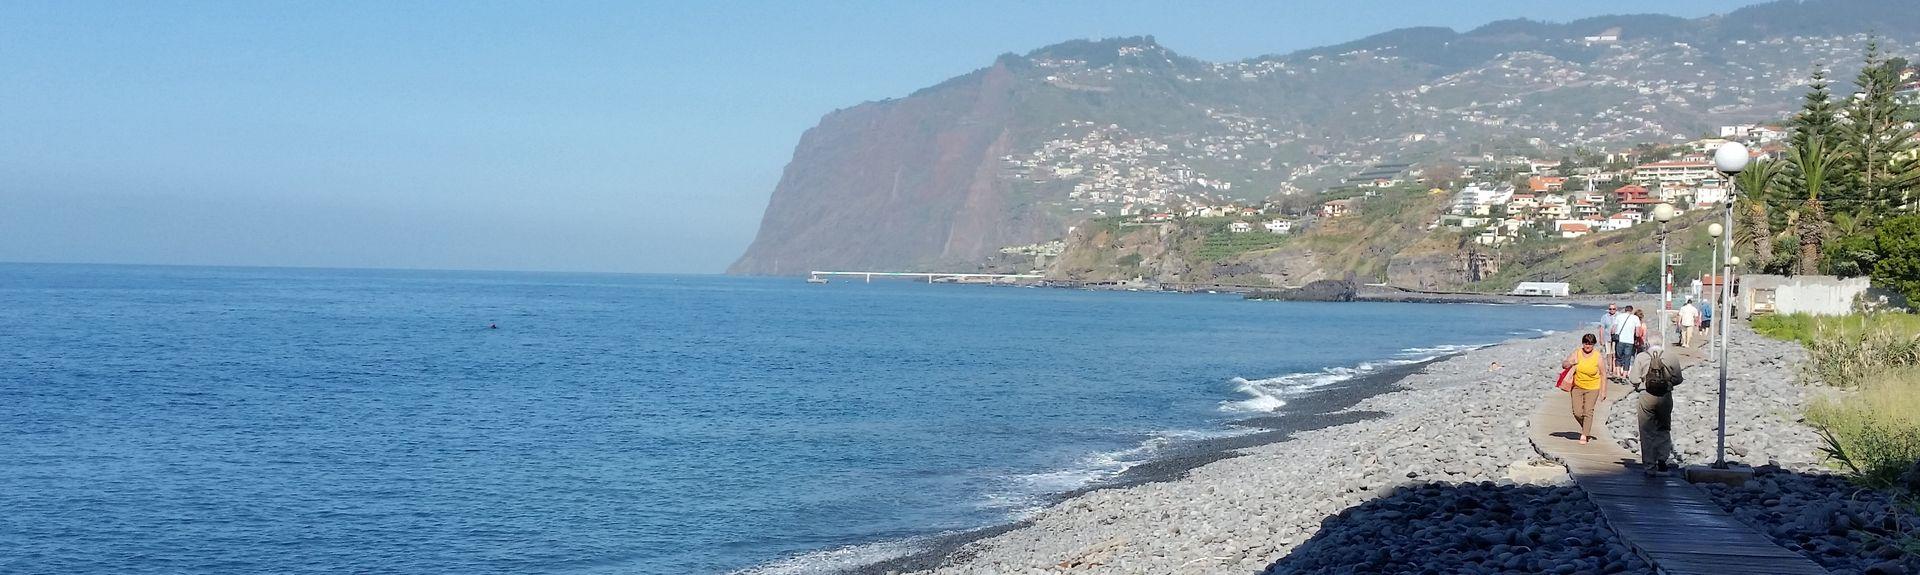 São Roque, Funchal, Madeira, Portugal